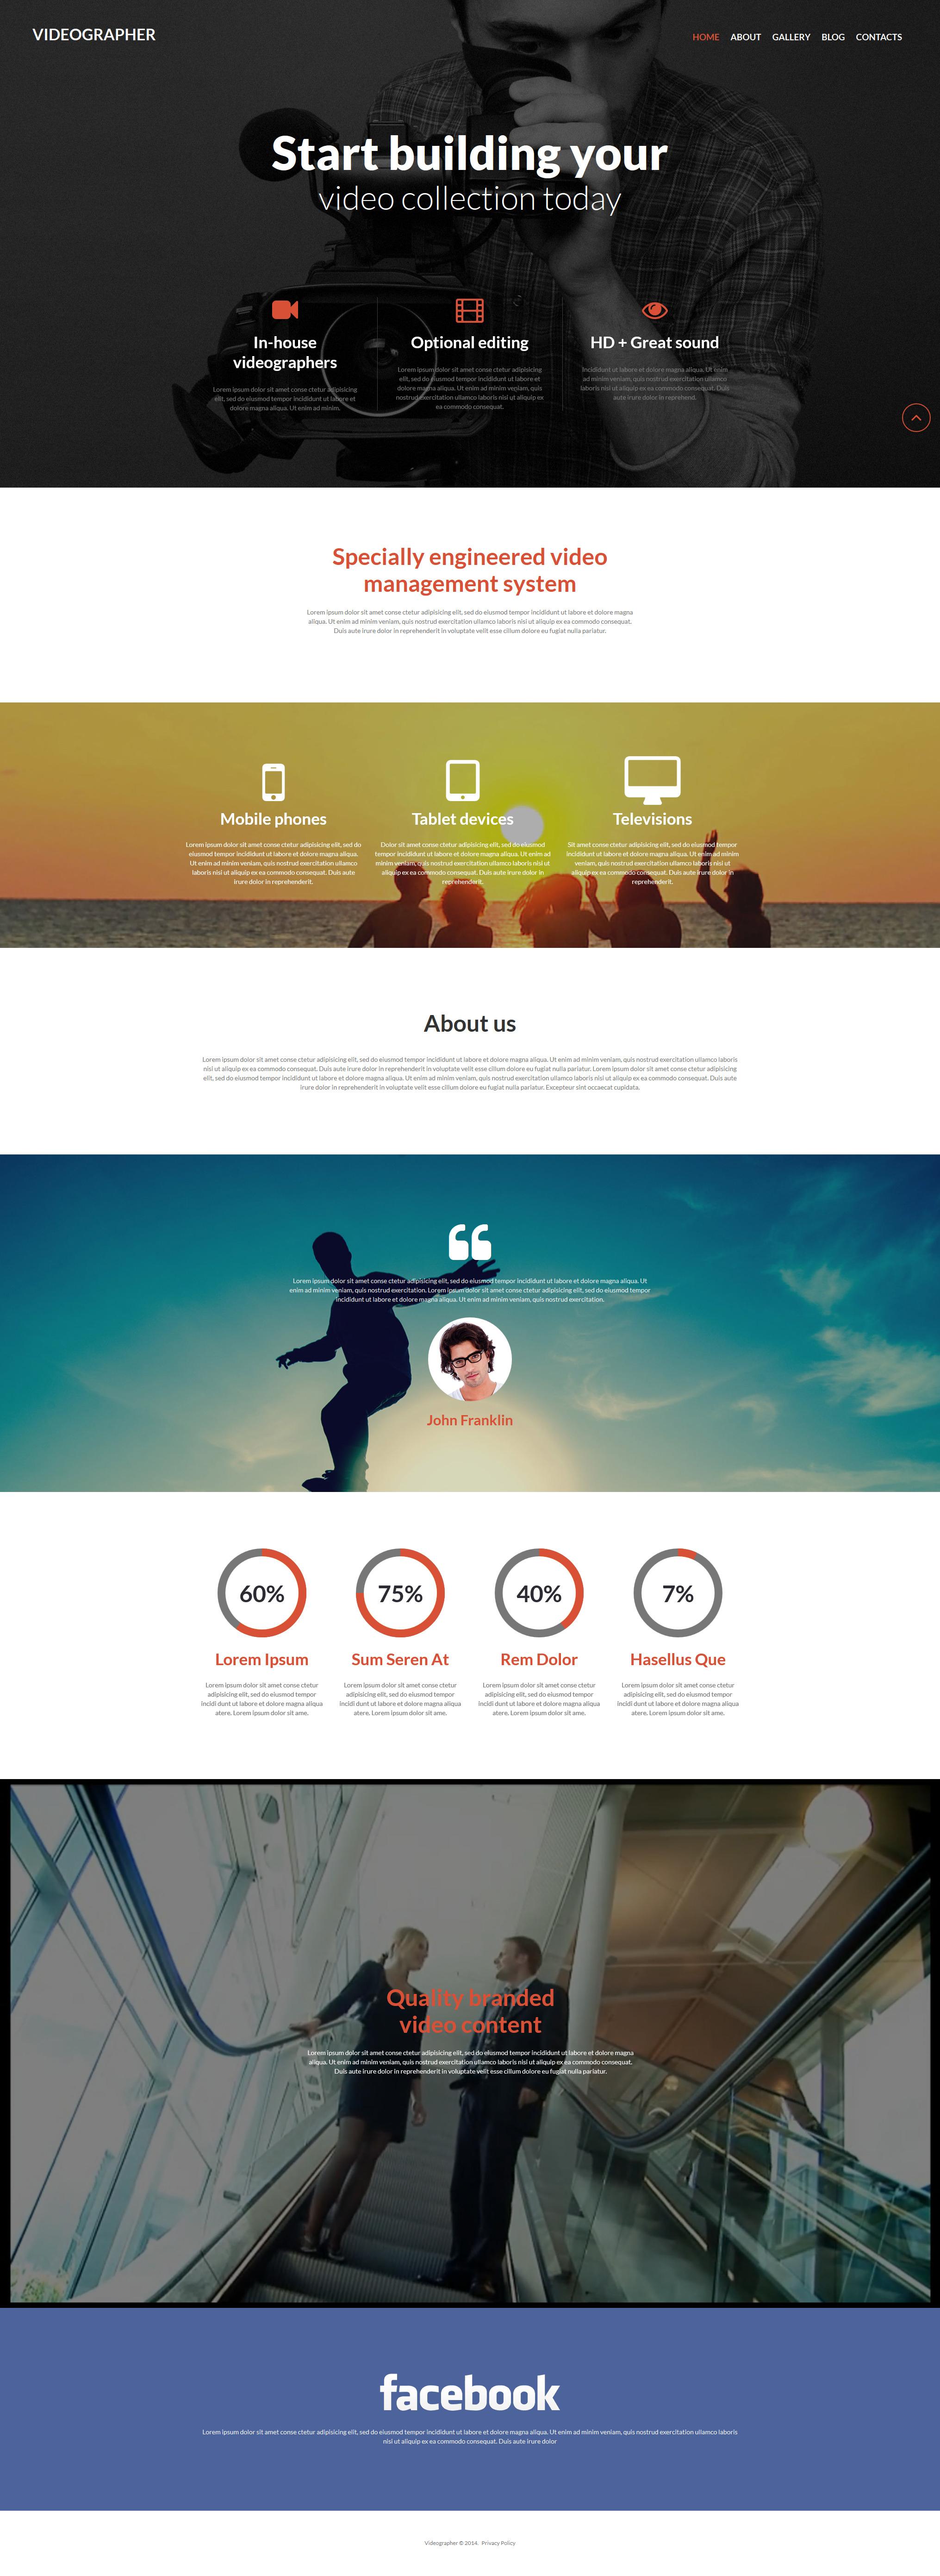 Responsywny szablon Joomla Videographer Services #52024 - zrzut ekranu